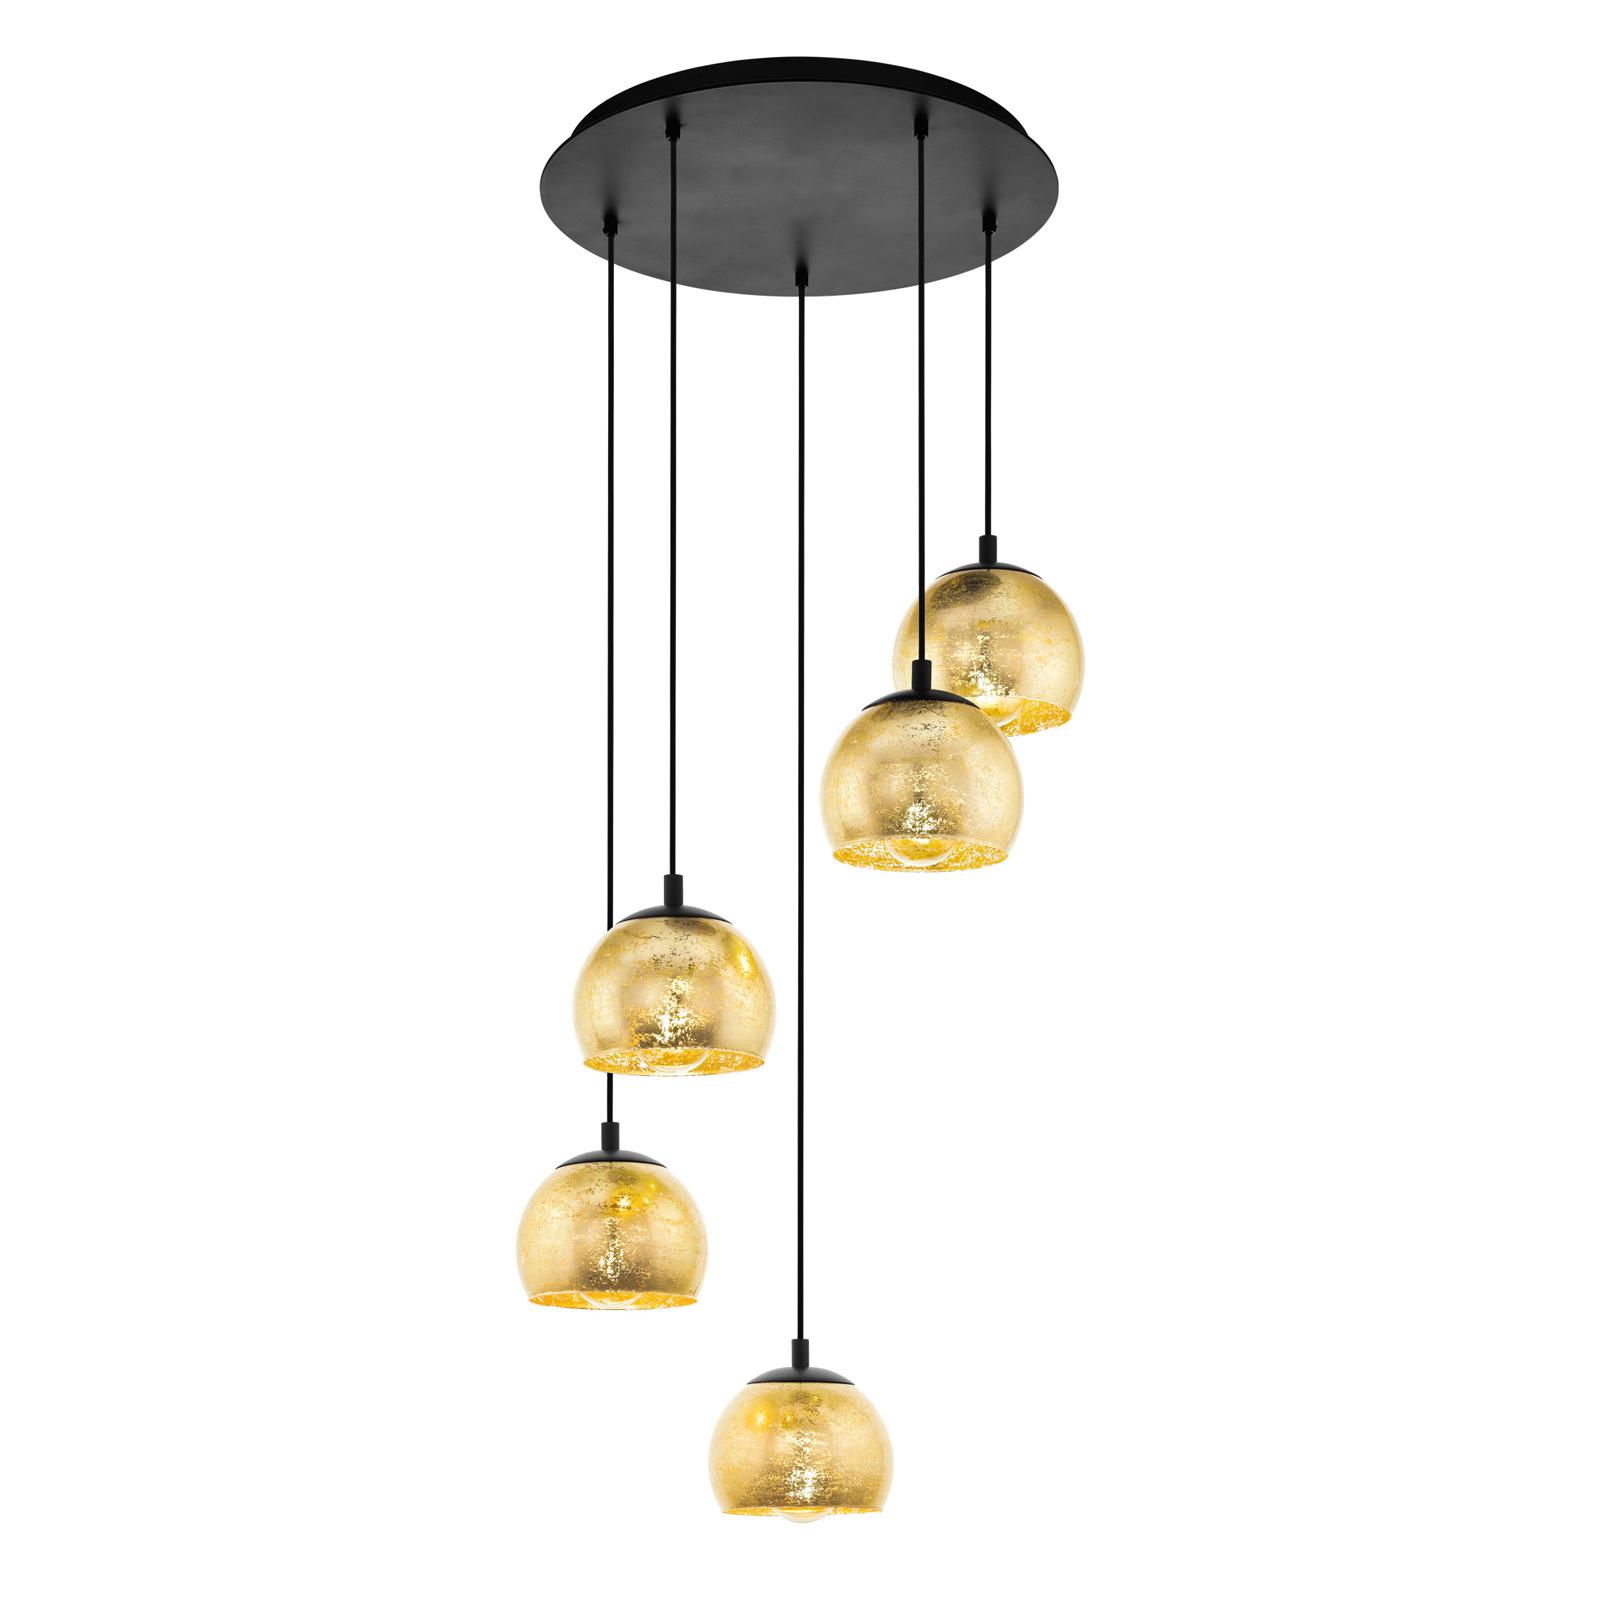 Hanglamp Albaraccin met vijf kappen in goud